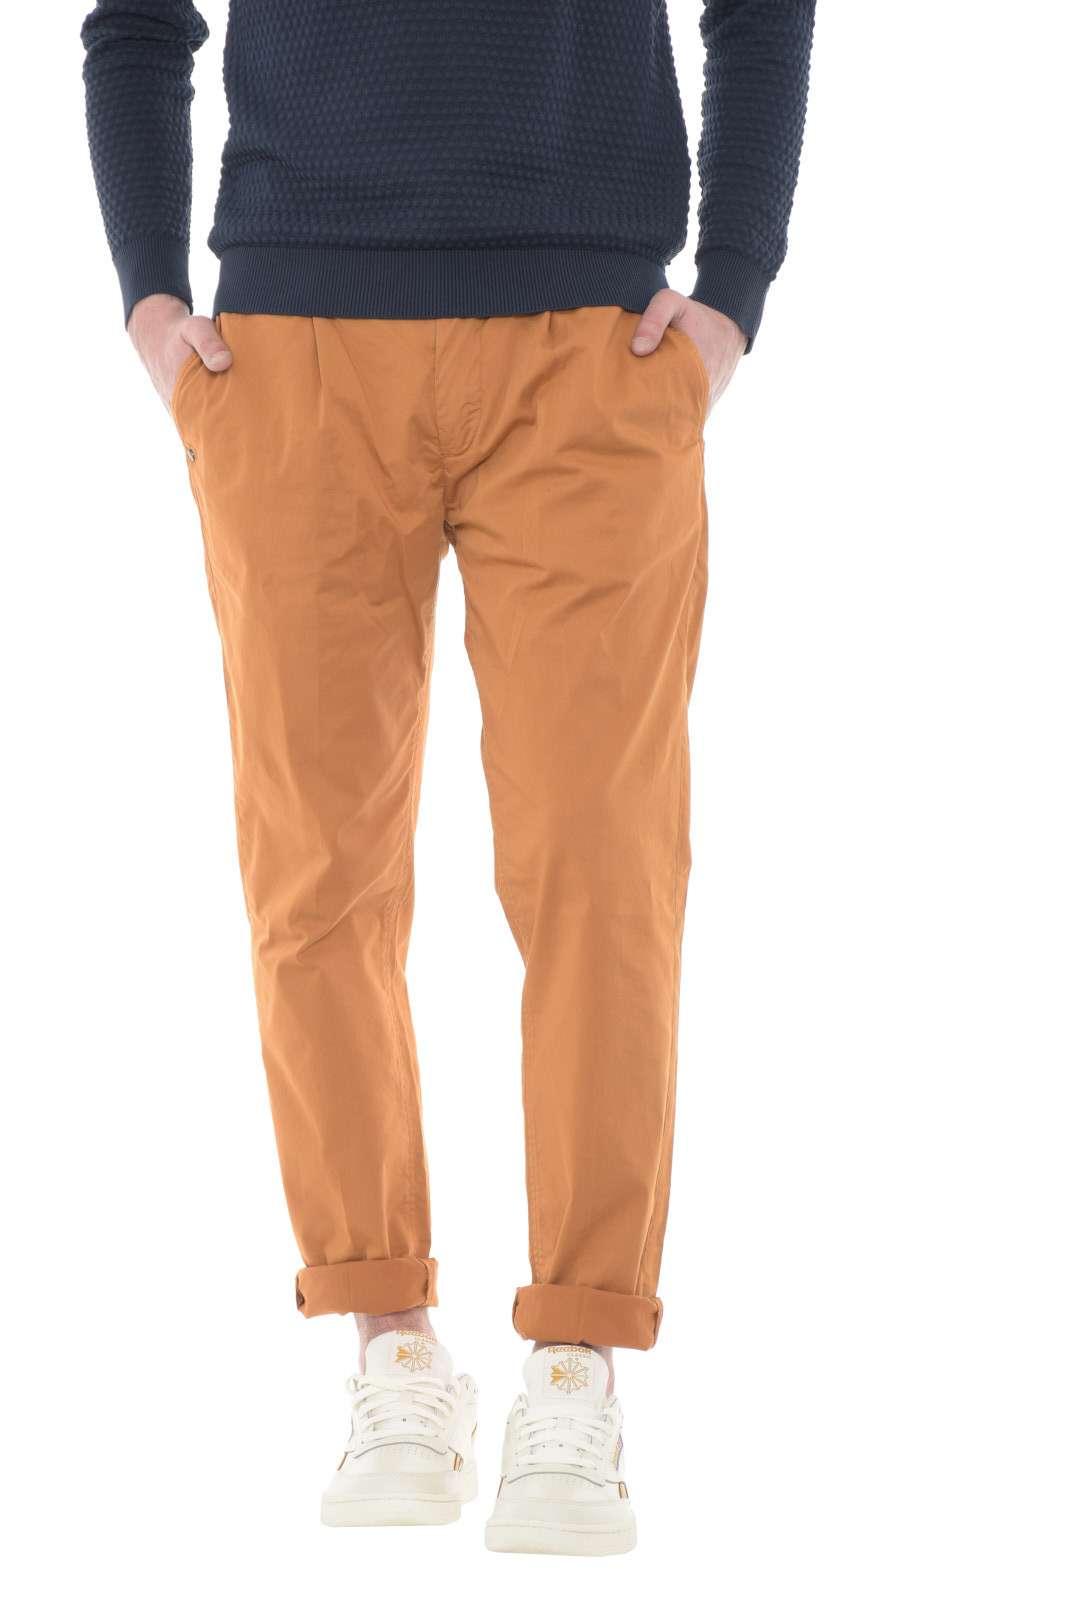 Elegante e classico il pantalone firmato NOlab. Da indossare nelle occasioni formali e non, adatto ad ogni tipo di look. E' perfetto se abbinato ad una camicia o una t shirt.